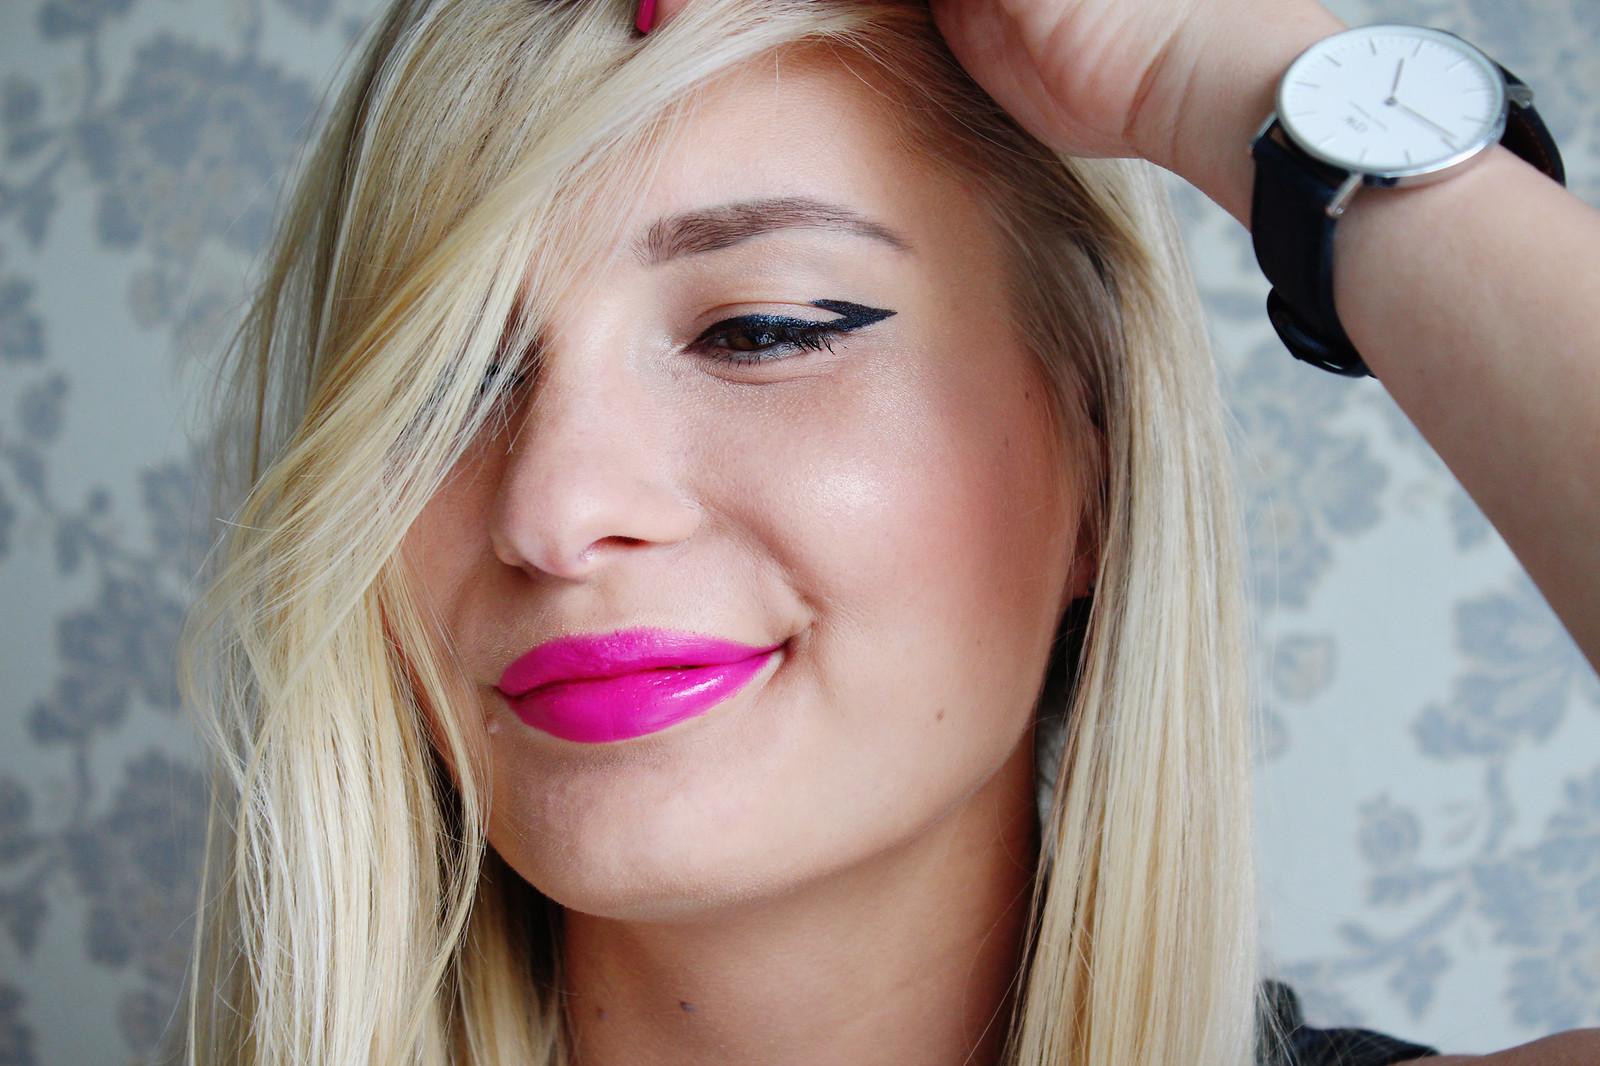 Bold pink lipstick